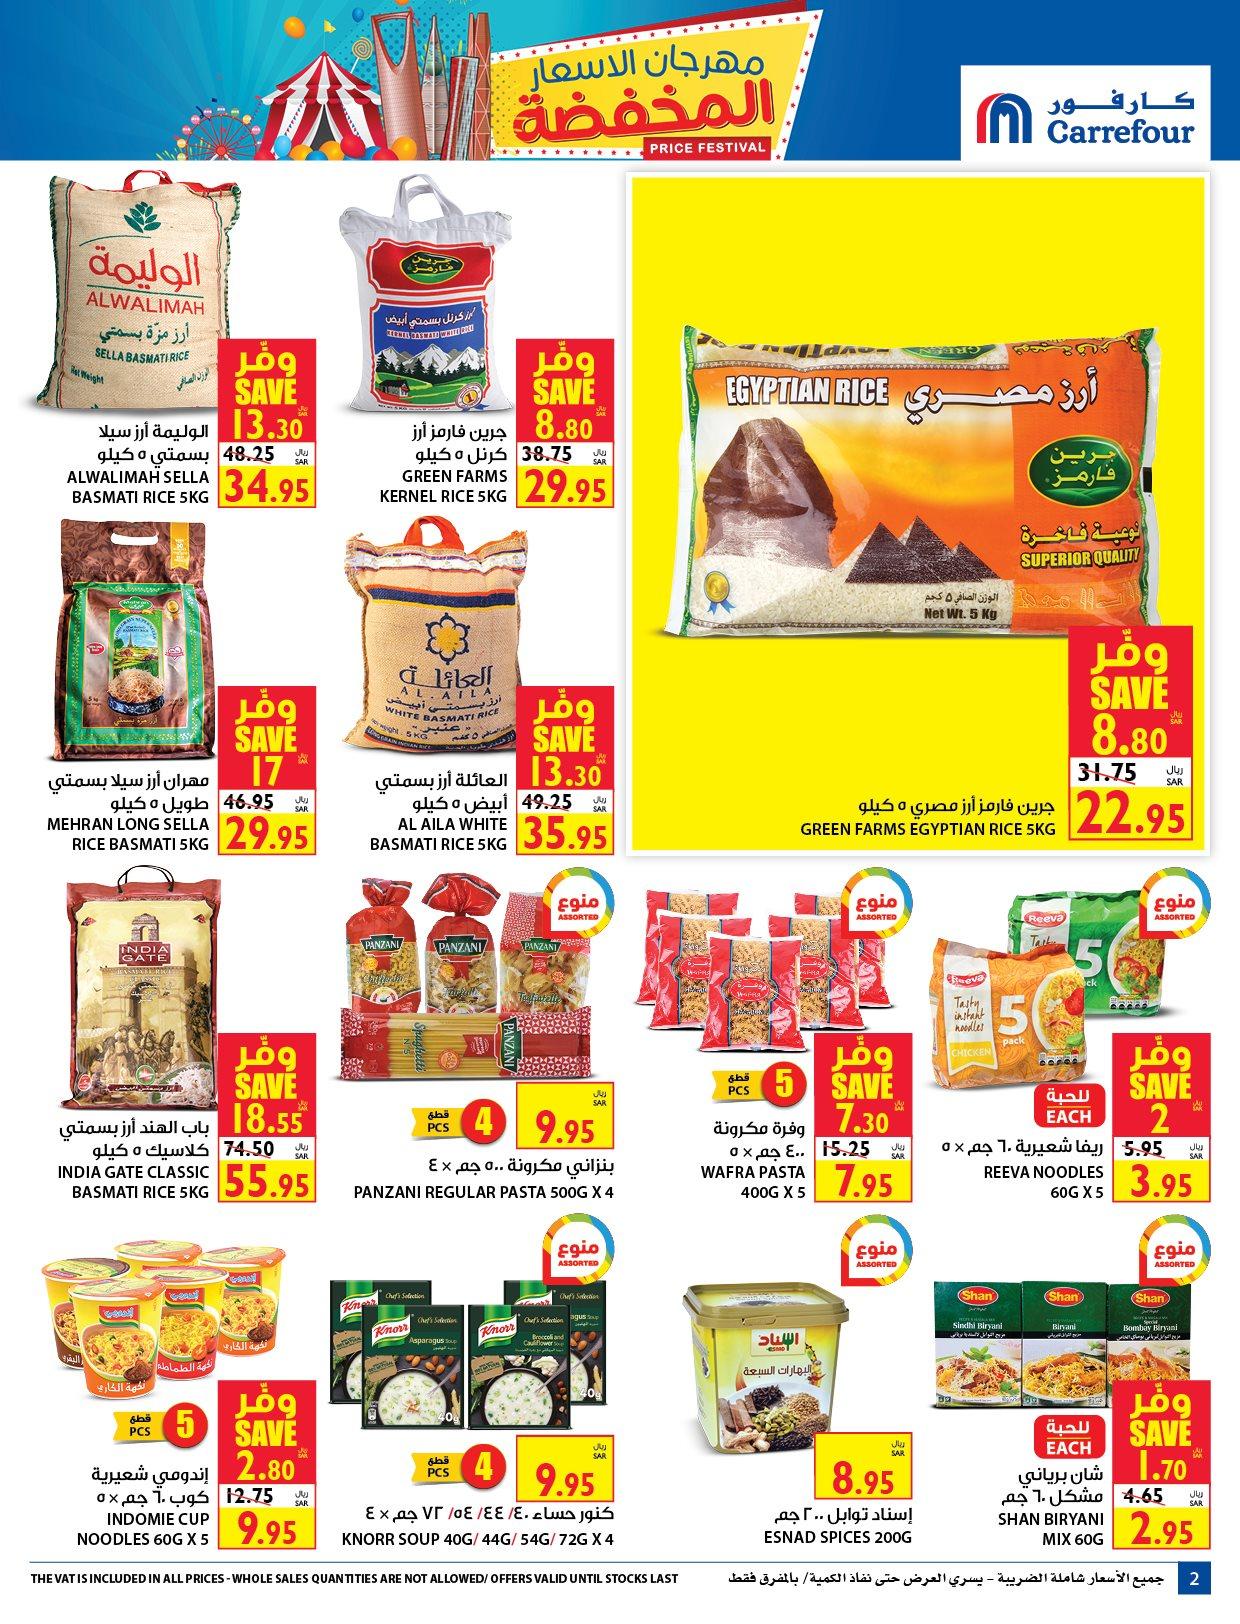 عروض كارفور السعودية اليوم من 12 وحتي 25 أغسطس مهرجان الأسعار المخفضة 2